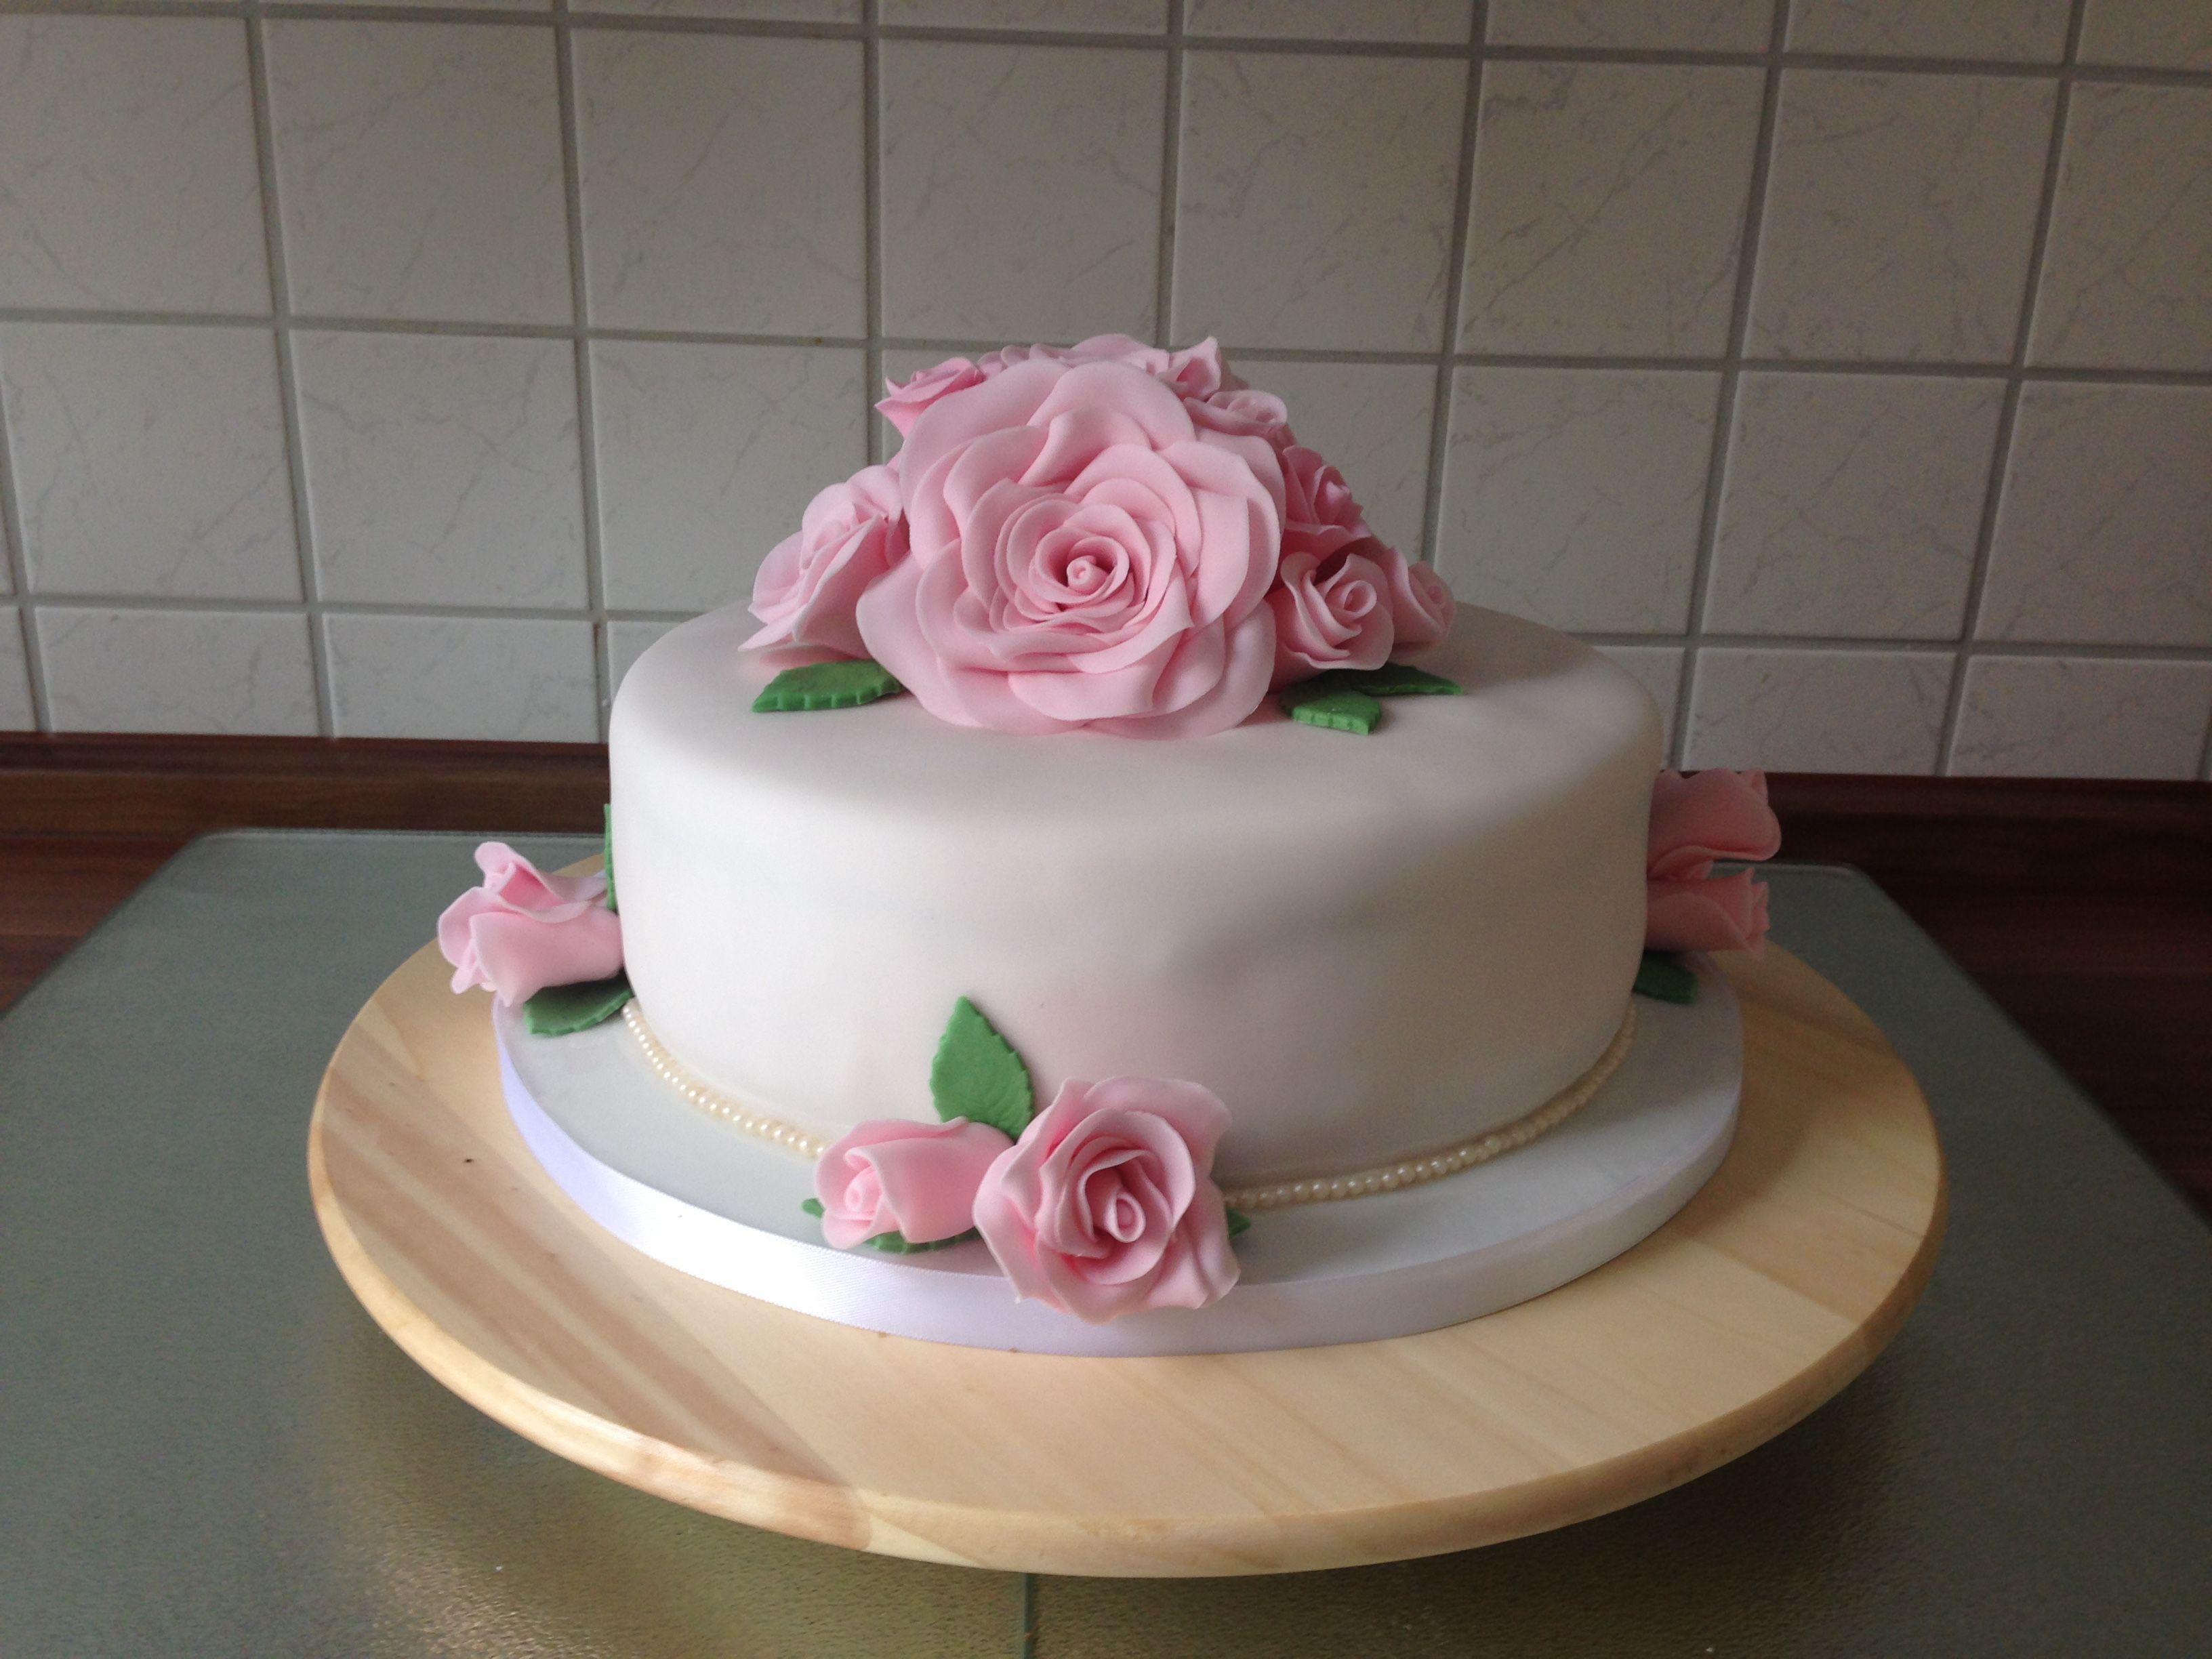 Kuchen Rosa Weiss Hochzeitstorte Mit Rosa Rosen Aus Fondant Und Perlen